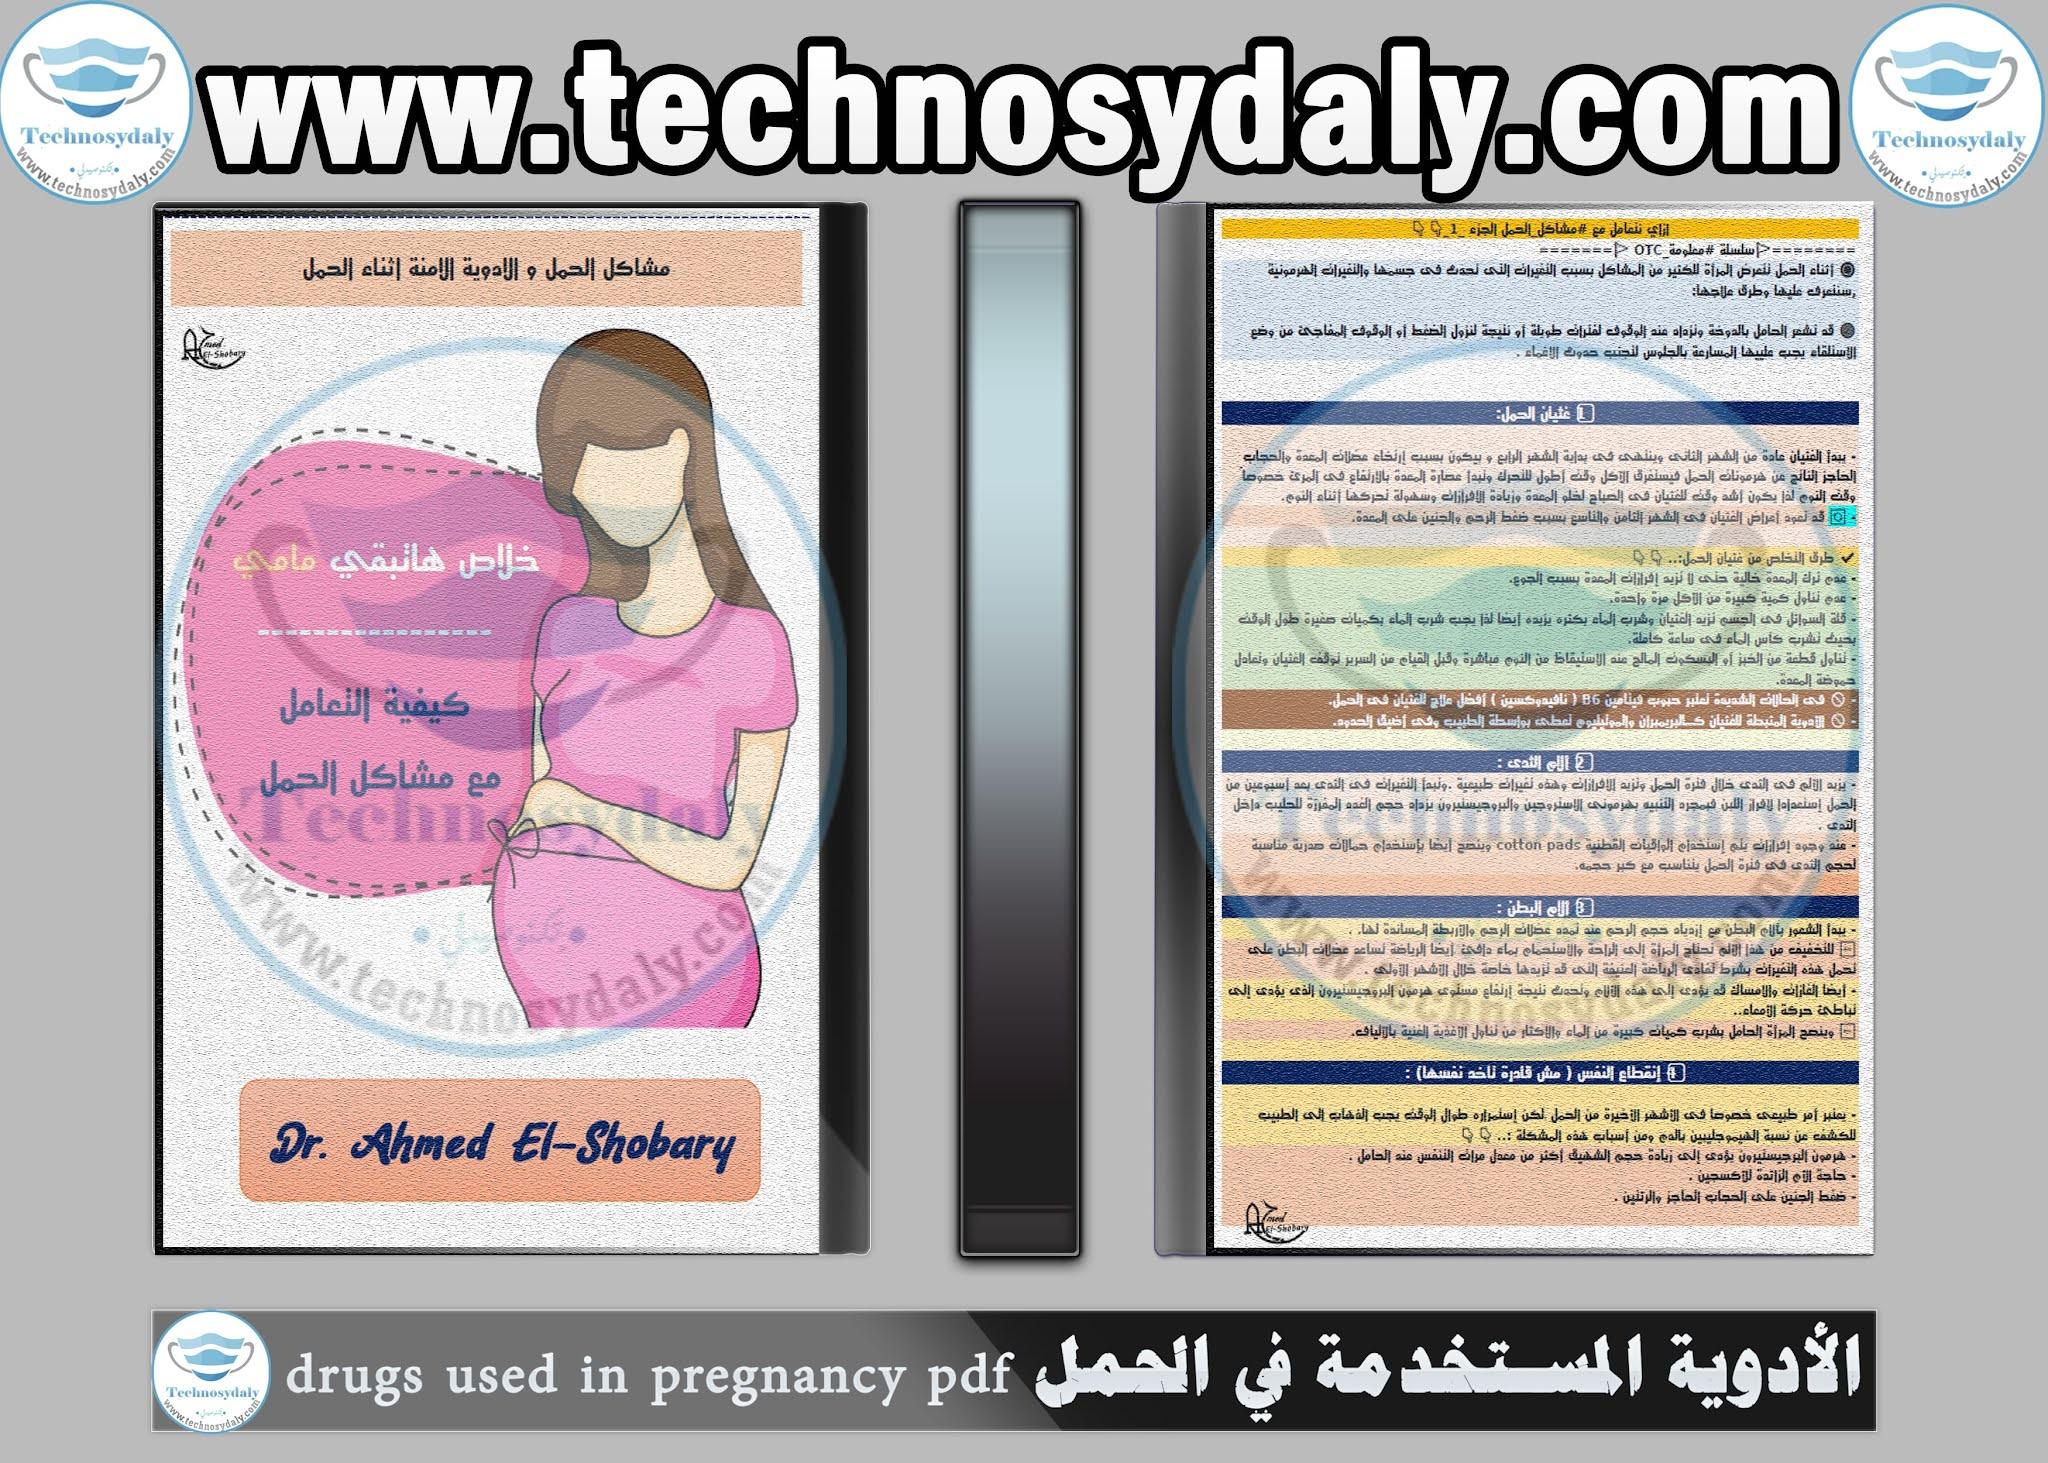 كتاب الأدوية المستخدمة في الحمل drugs used in pregnancy pdf